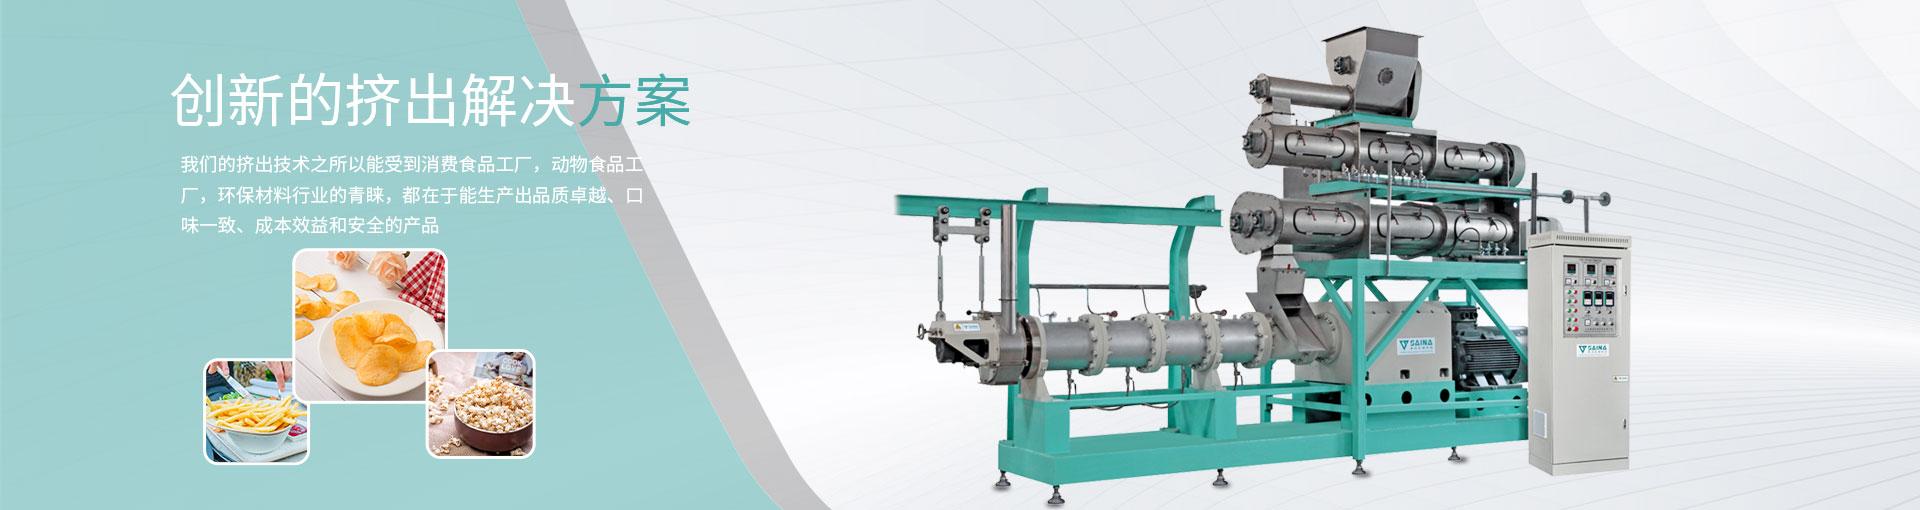 挤压膨化食品机械设备-双螺杆挤出机-山东赛纳机械科技有限公司